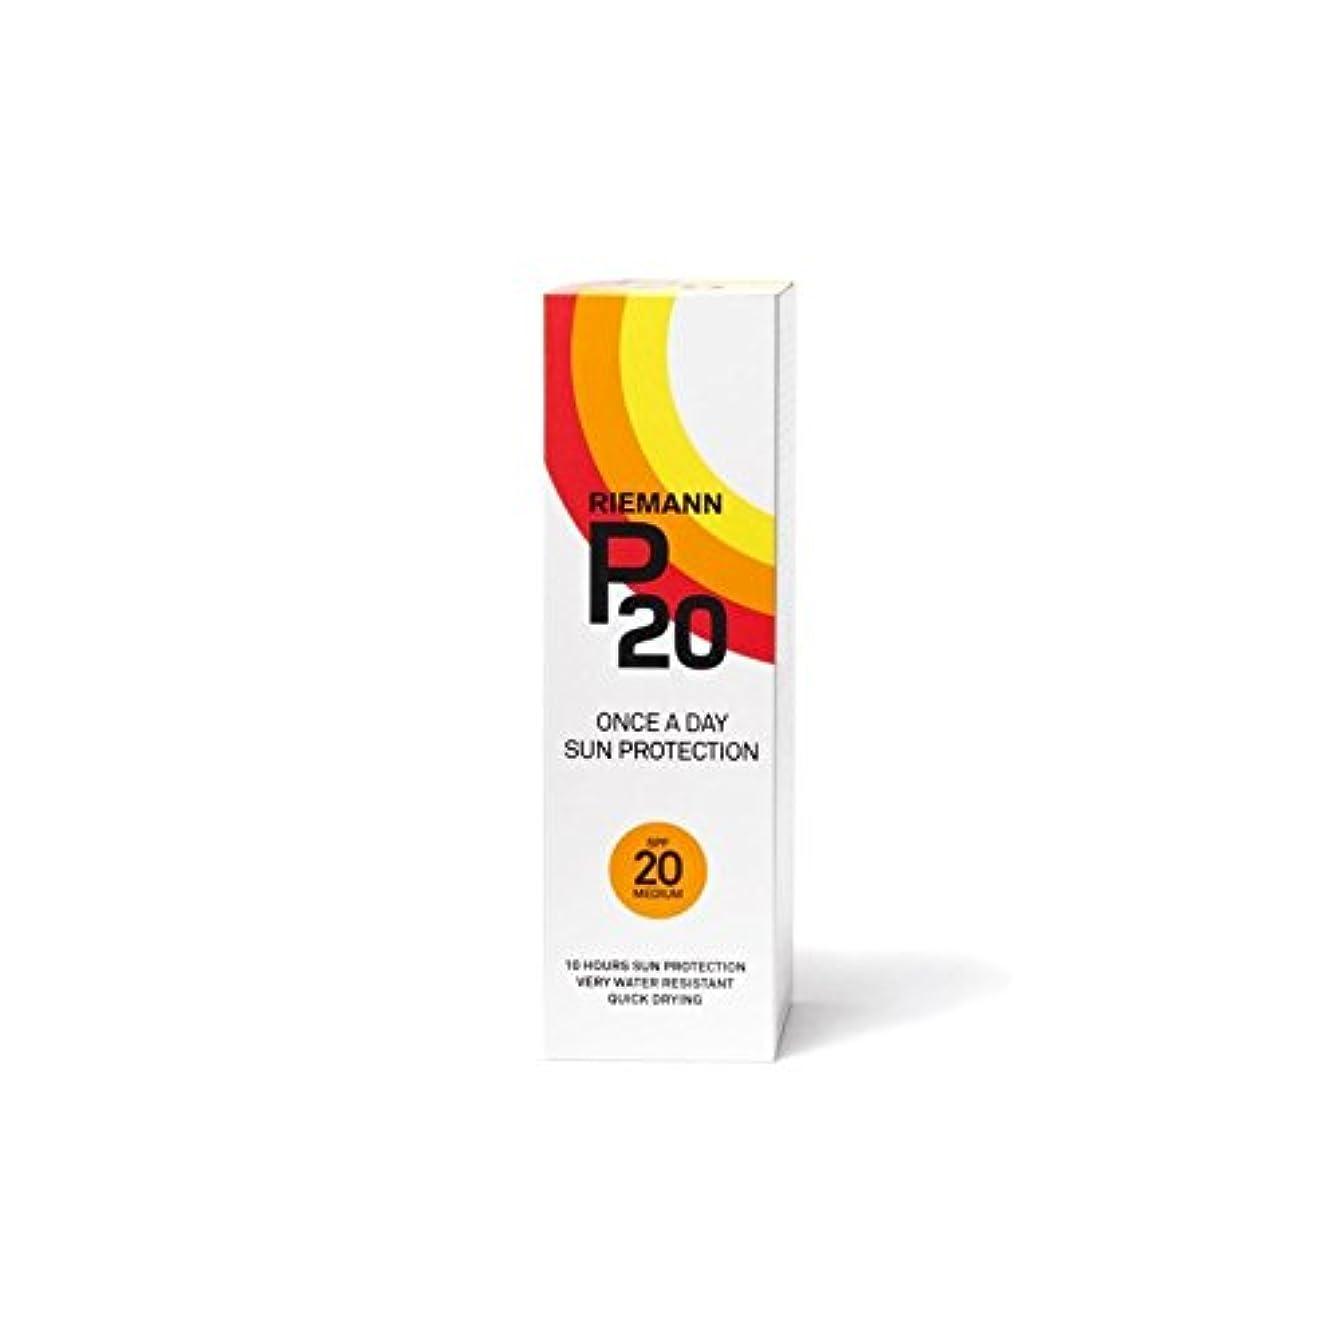 漏斗ベル祈りRiemann P20 Sun Filter 100ml SPF20 (Pack of 6) - リーマン20のサンフィルター100ミリリットル20 x6 [並行輸入品]